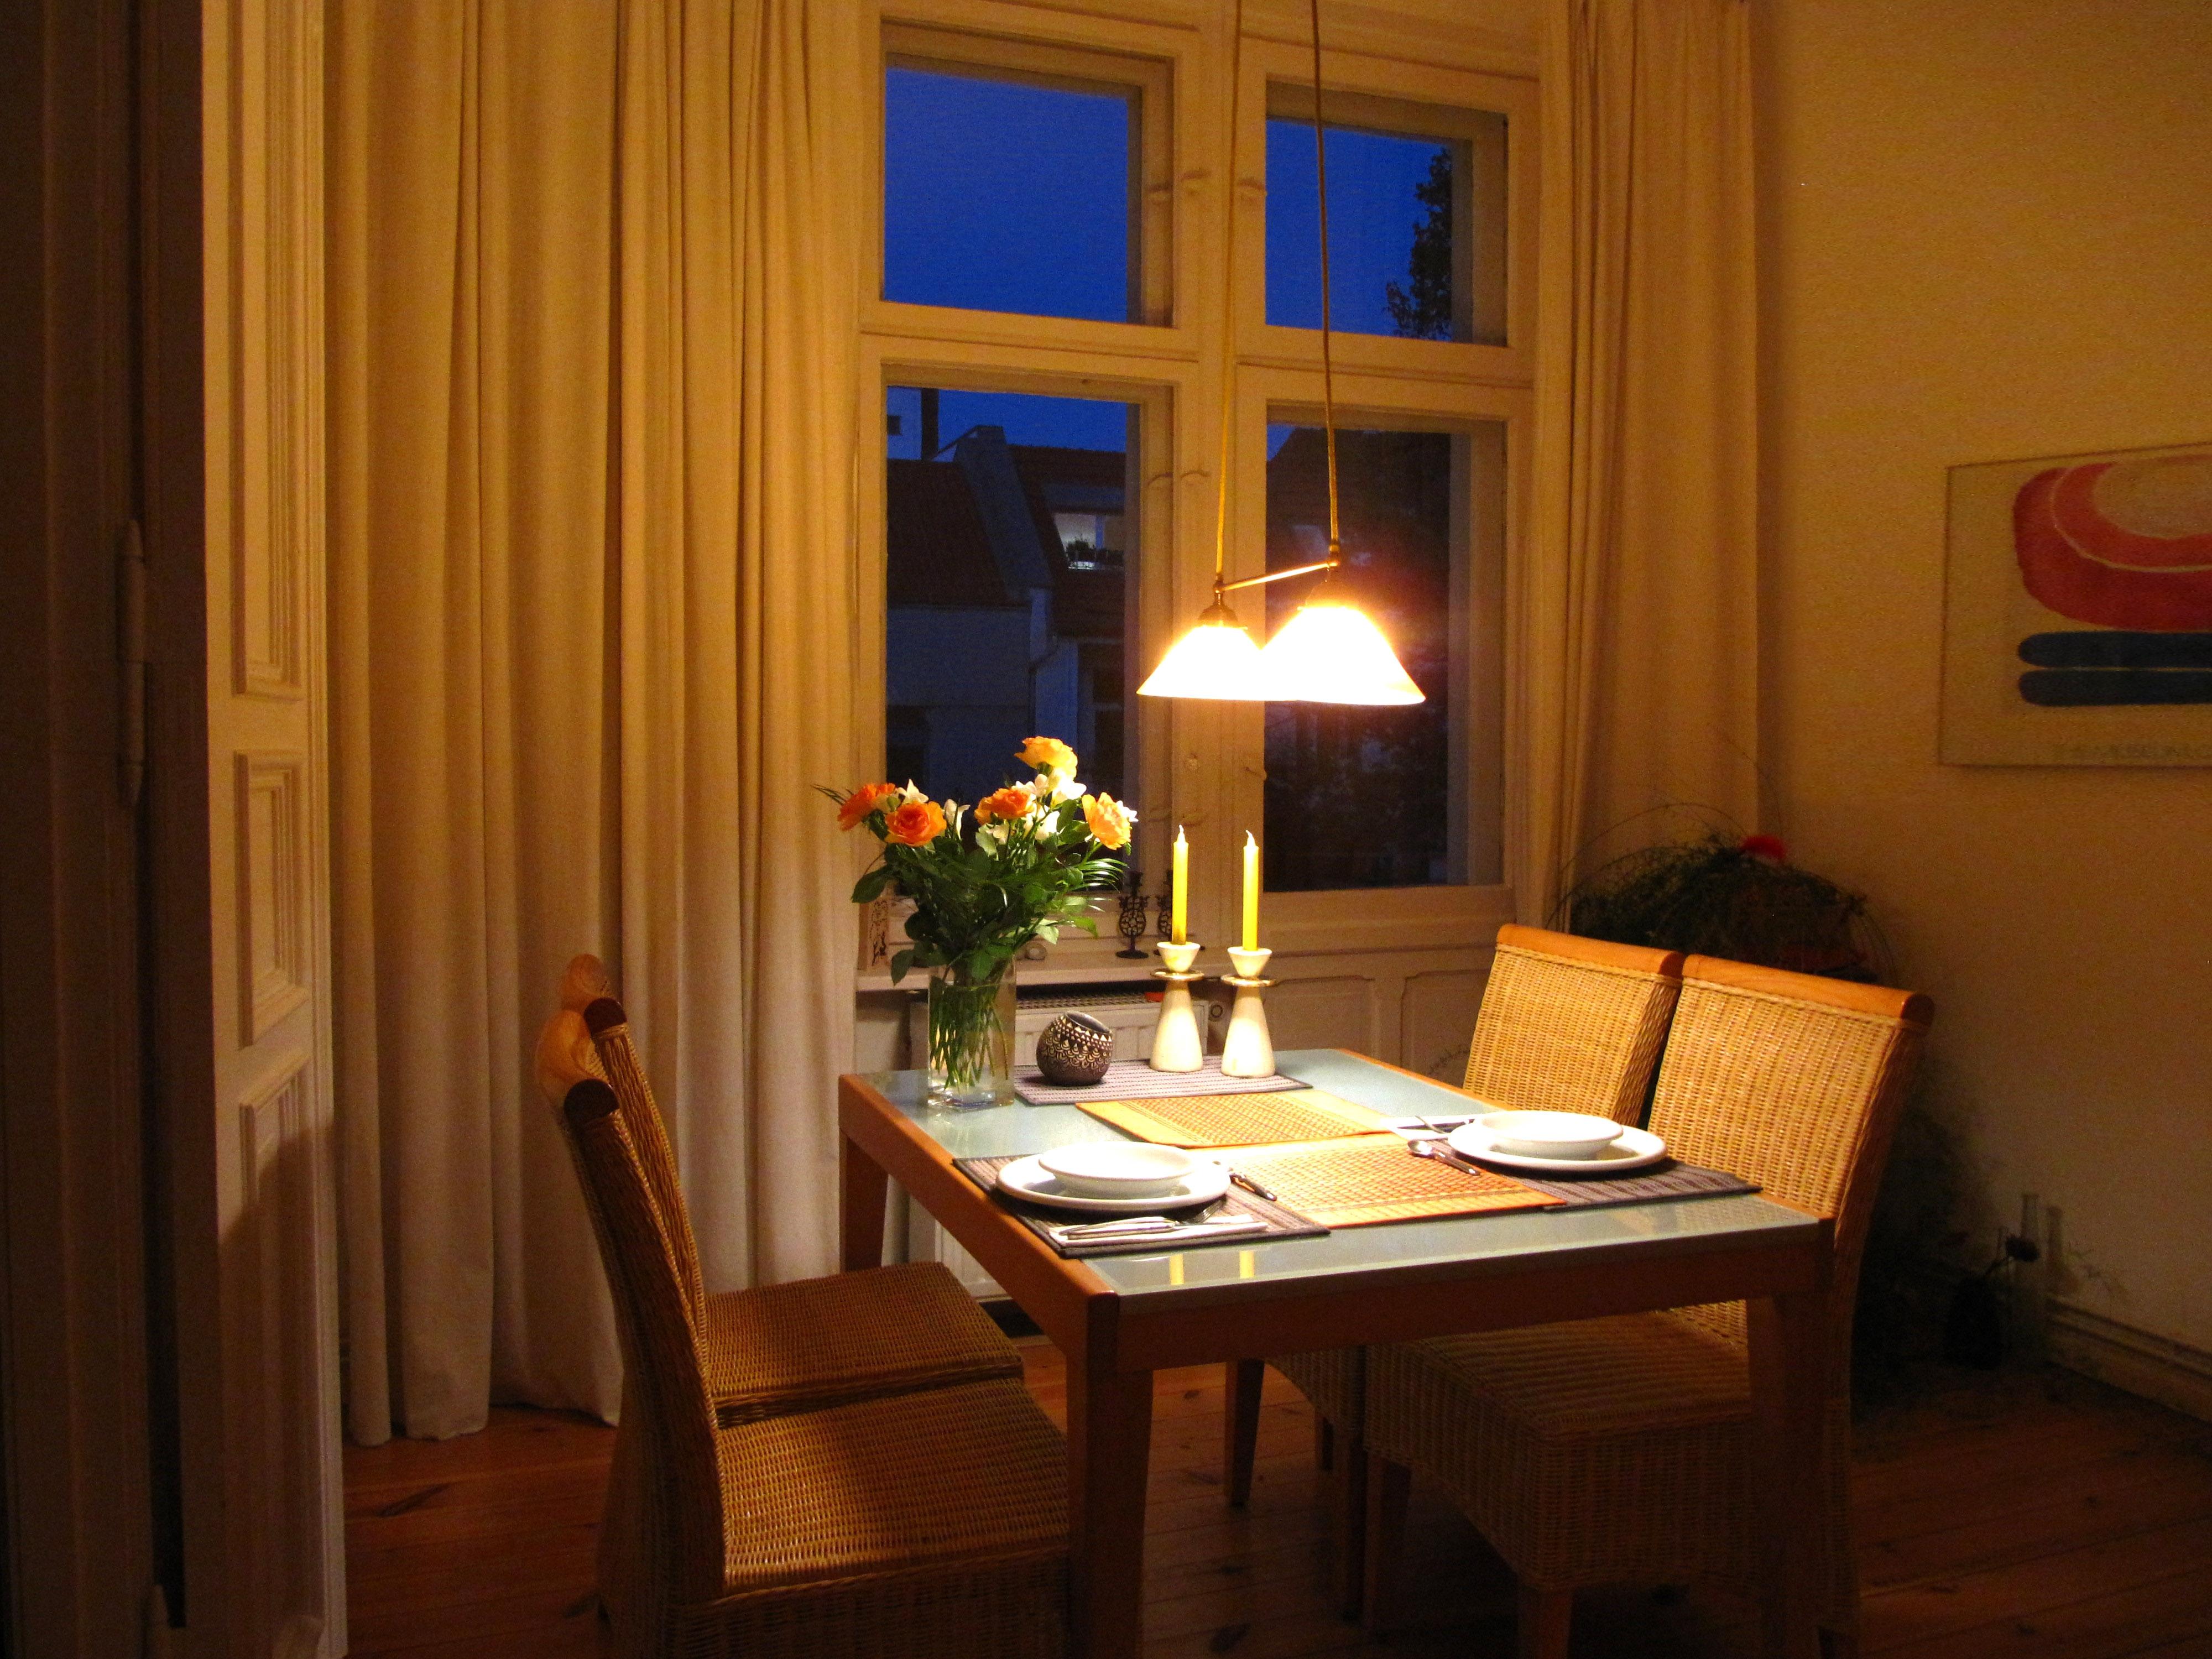 Wohnzimmerbeleuchtung online   leuchtenzentrale.de